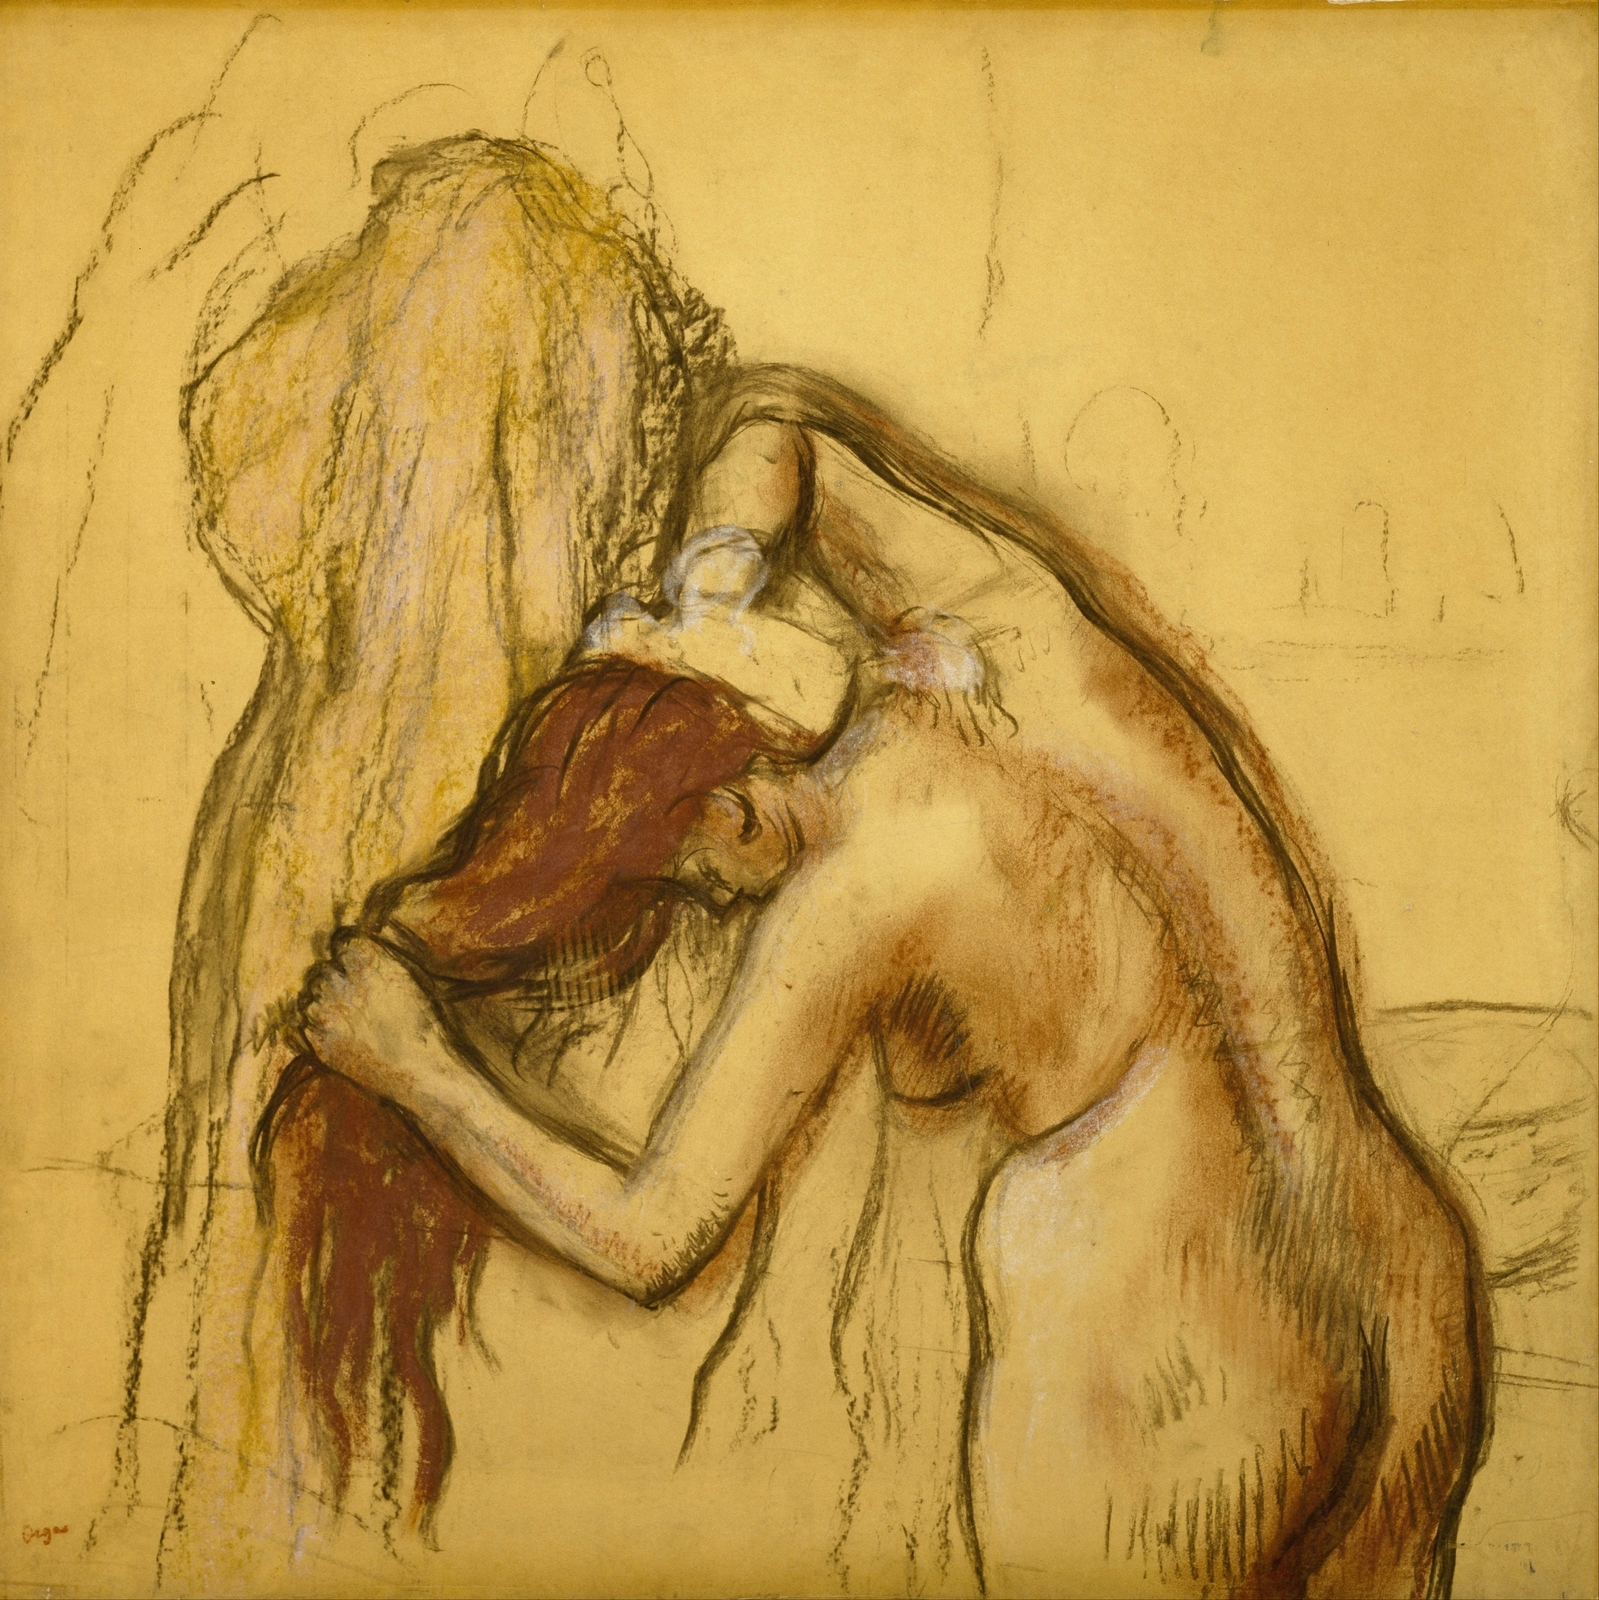 Эдгар Дега. 1905 (ок). Вытирающаяся женщина (Woman Drying Herself). 78.7 х 78.7. Калька на плотн бумаге, пастель и уголь. Хьюстон, Музей искусства.